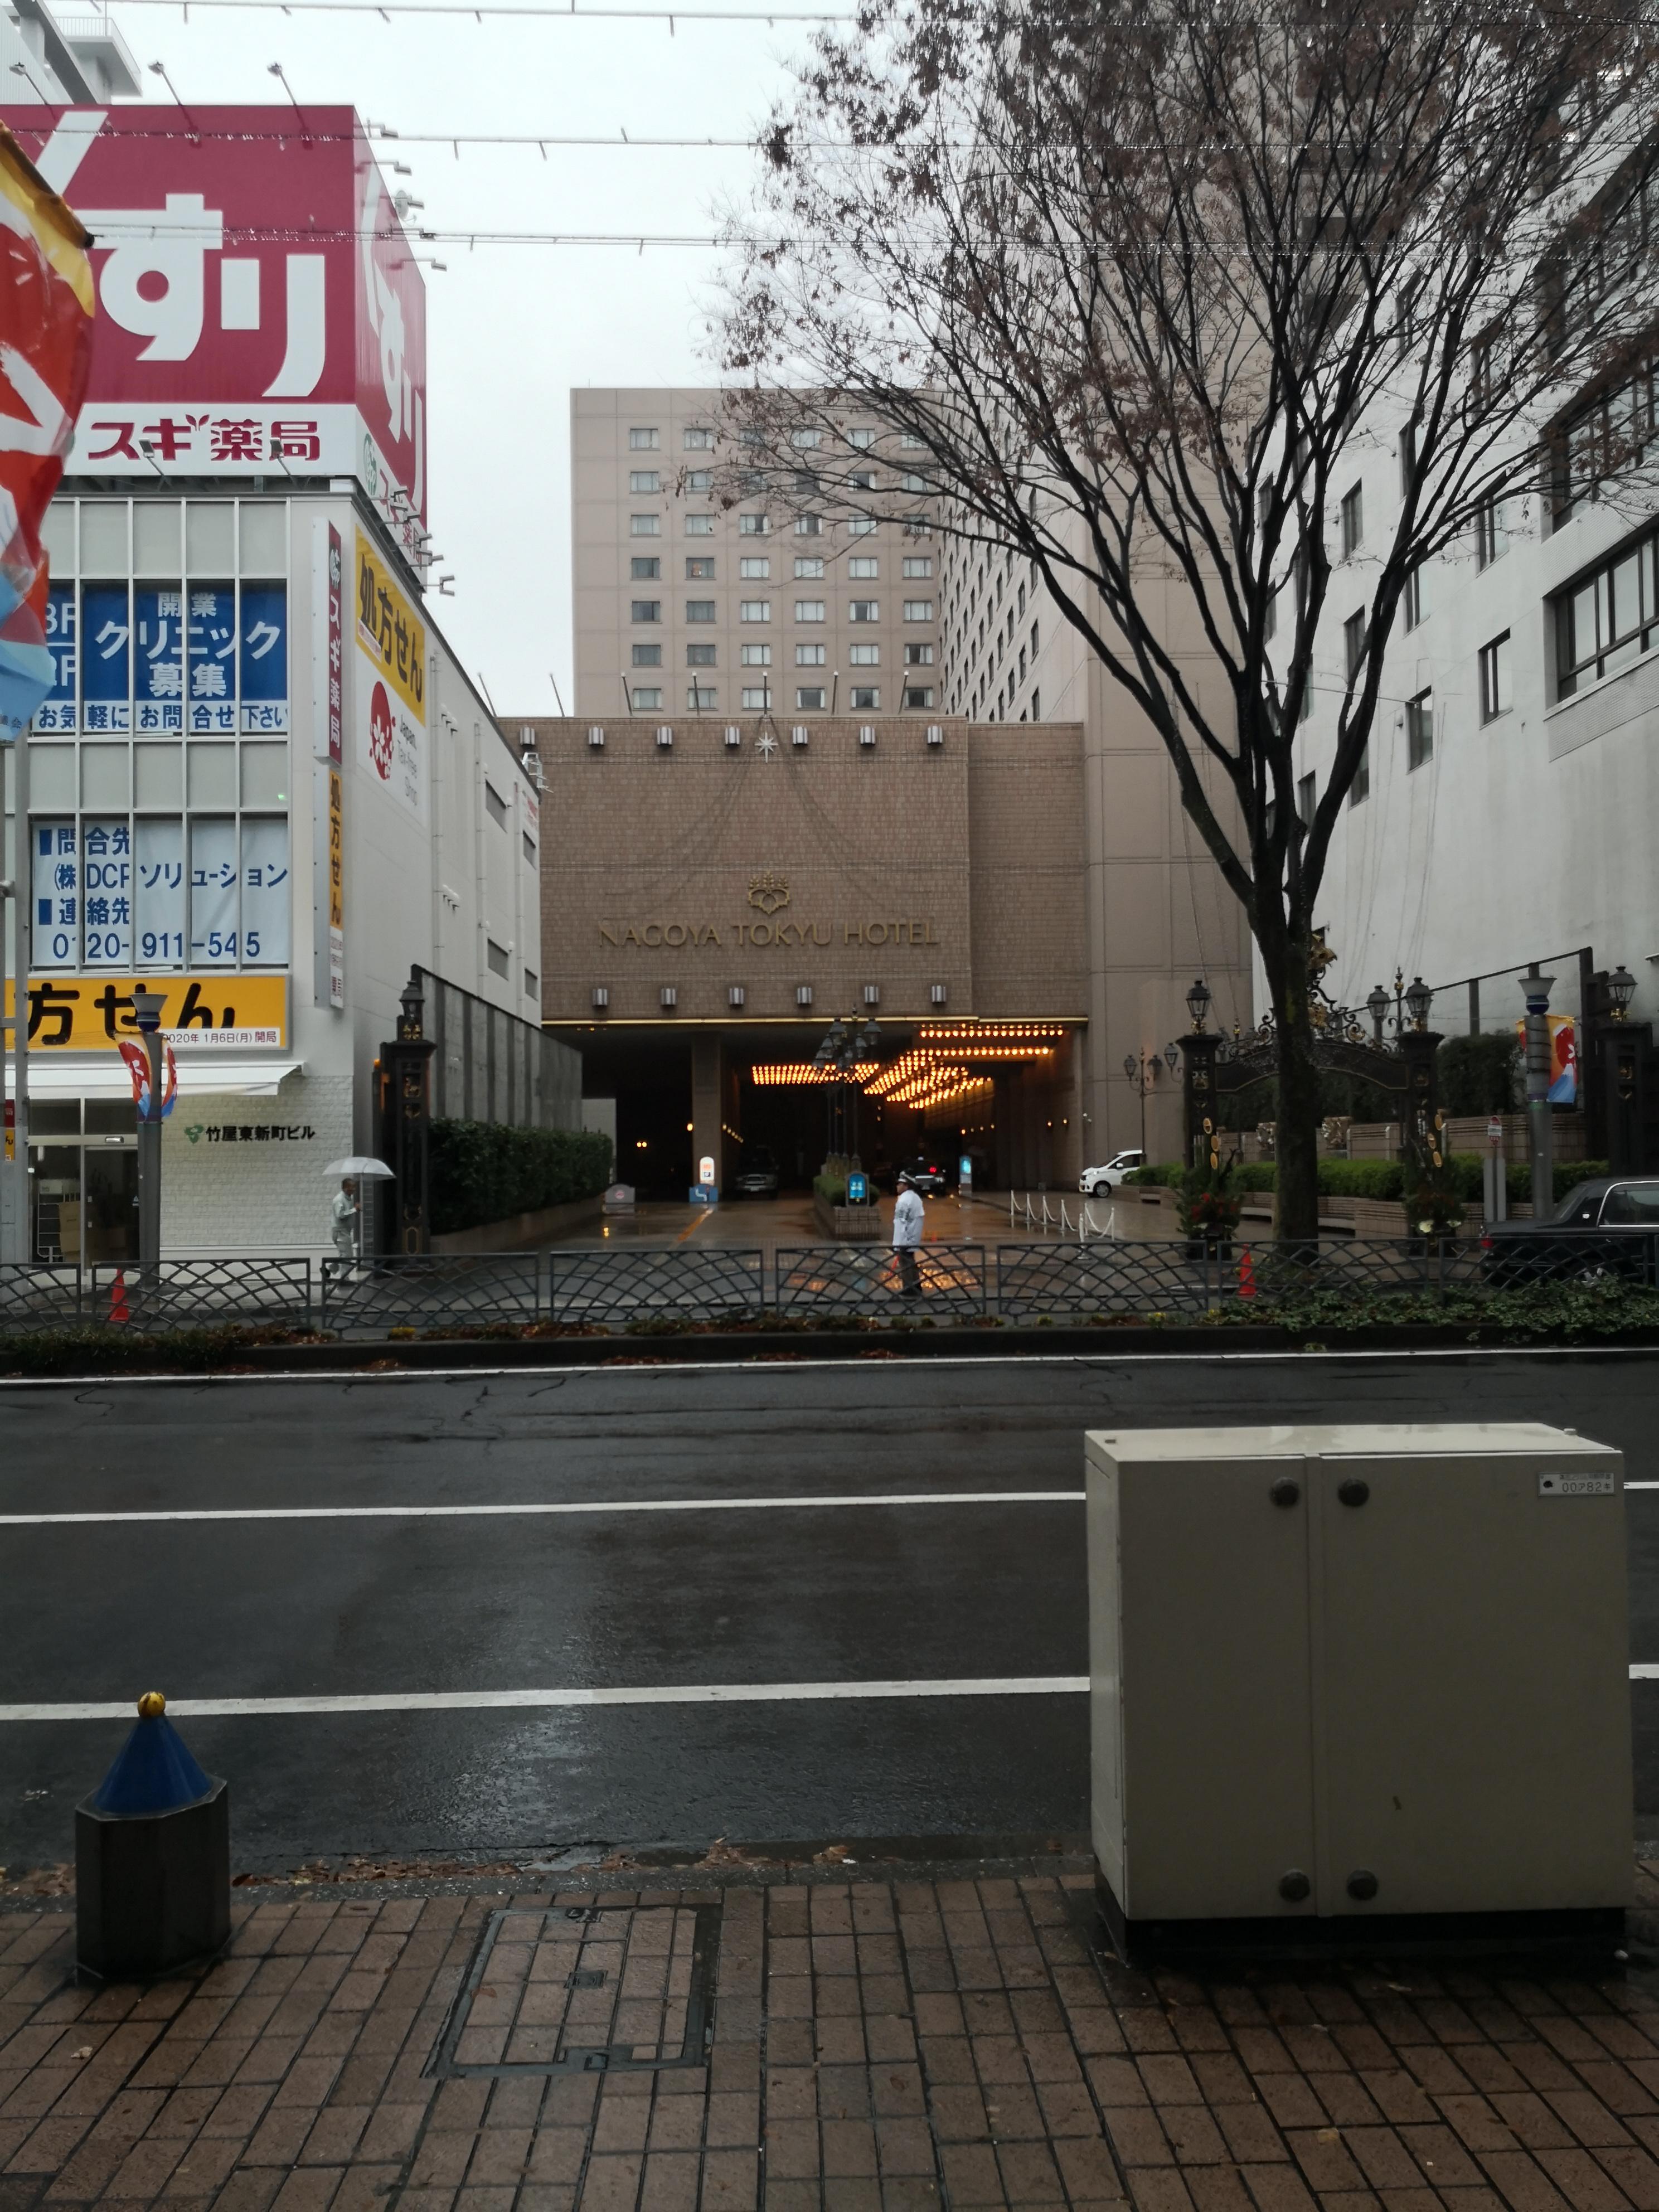 名古屋東急ホテルの外観